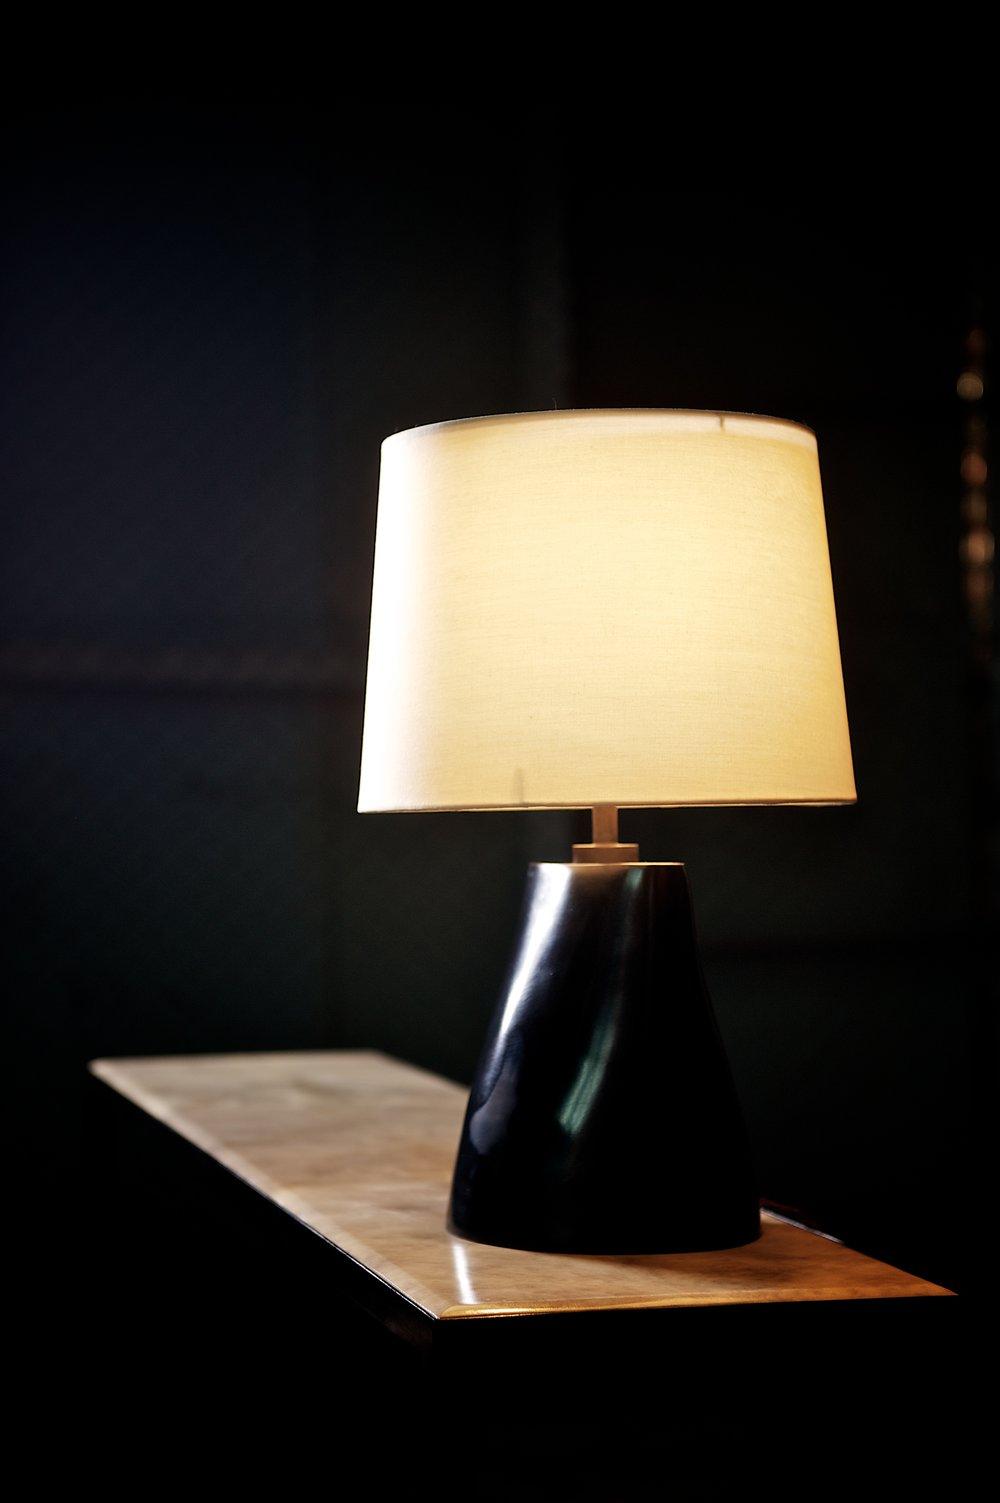 Soho Lamp In 2020 Lamp Table Lamp Wood Pendant Lamps